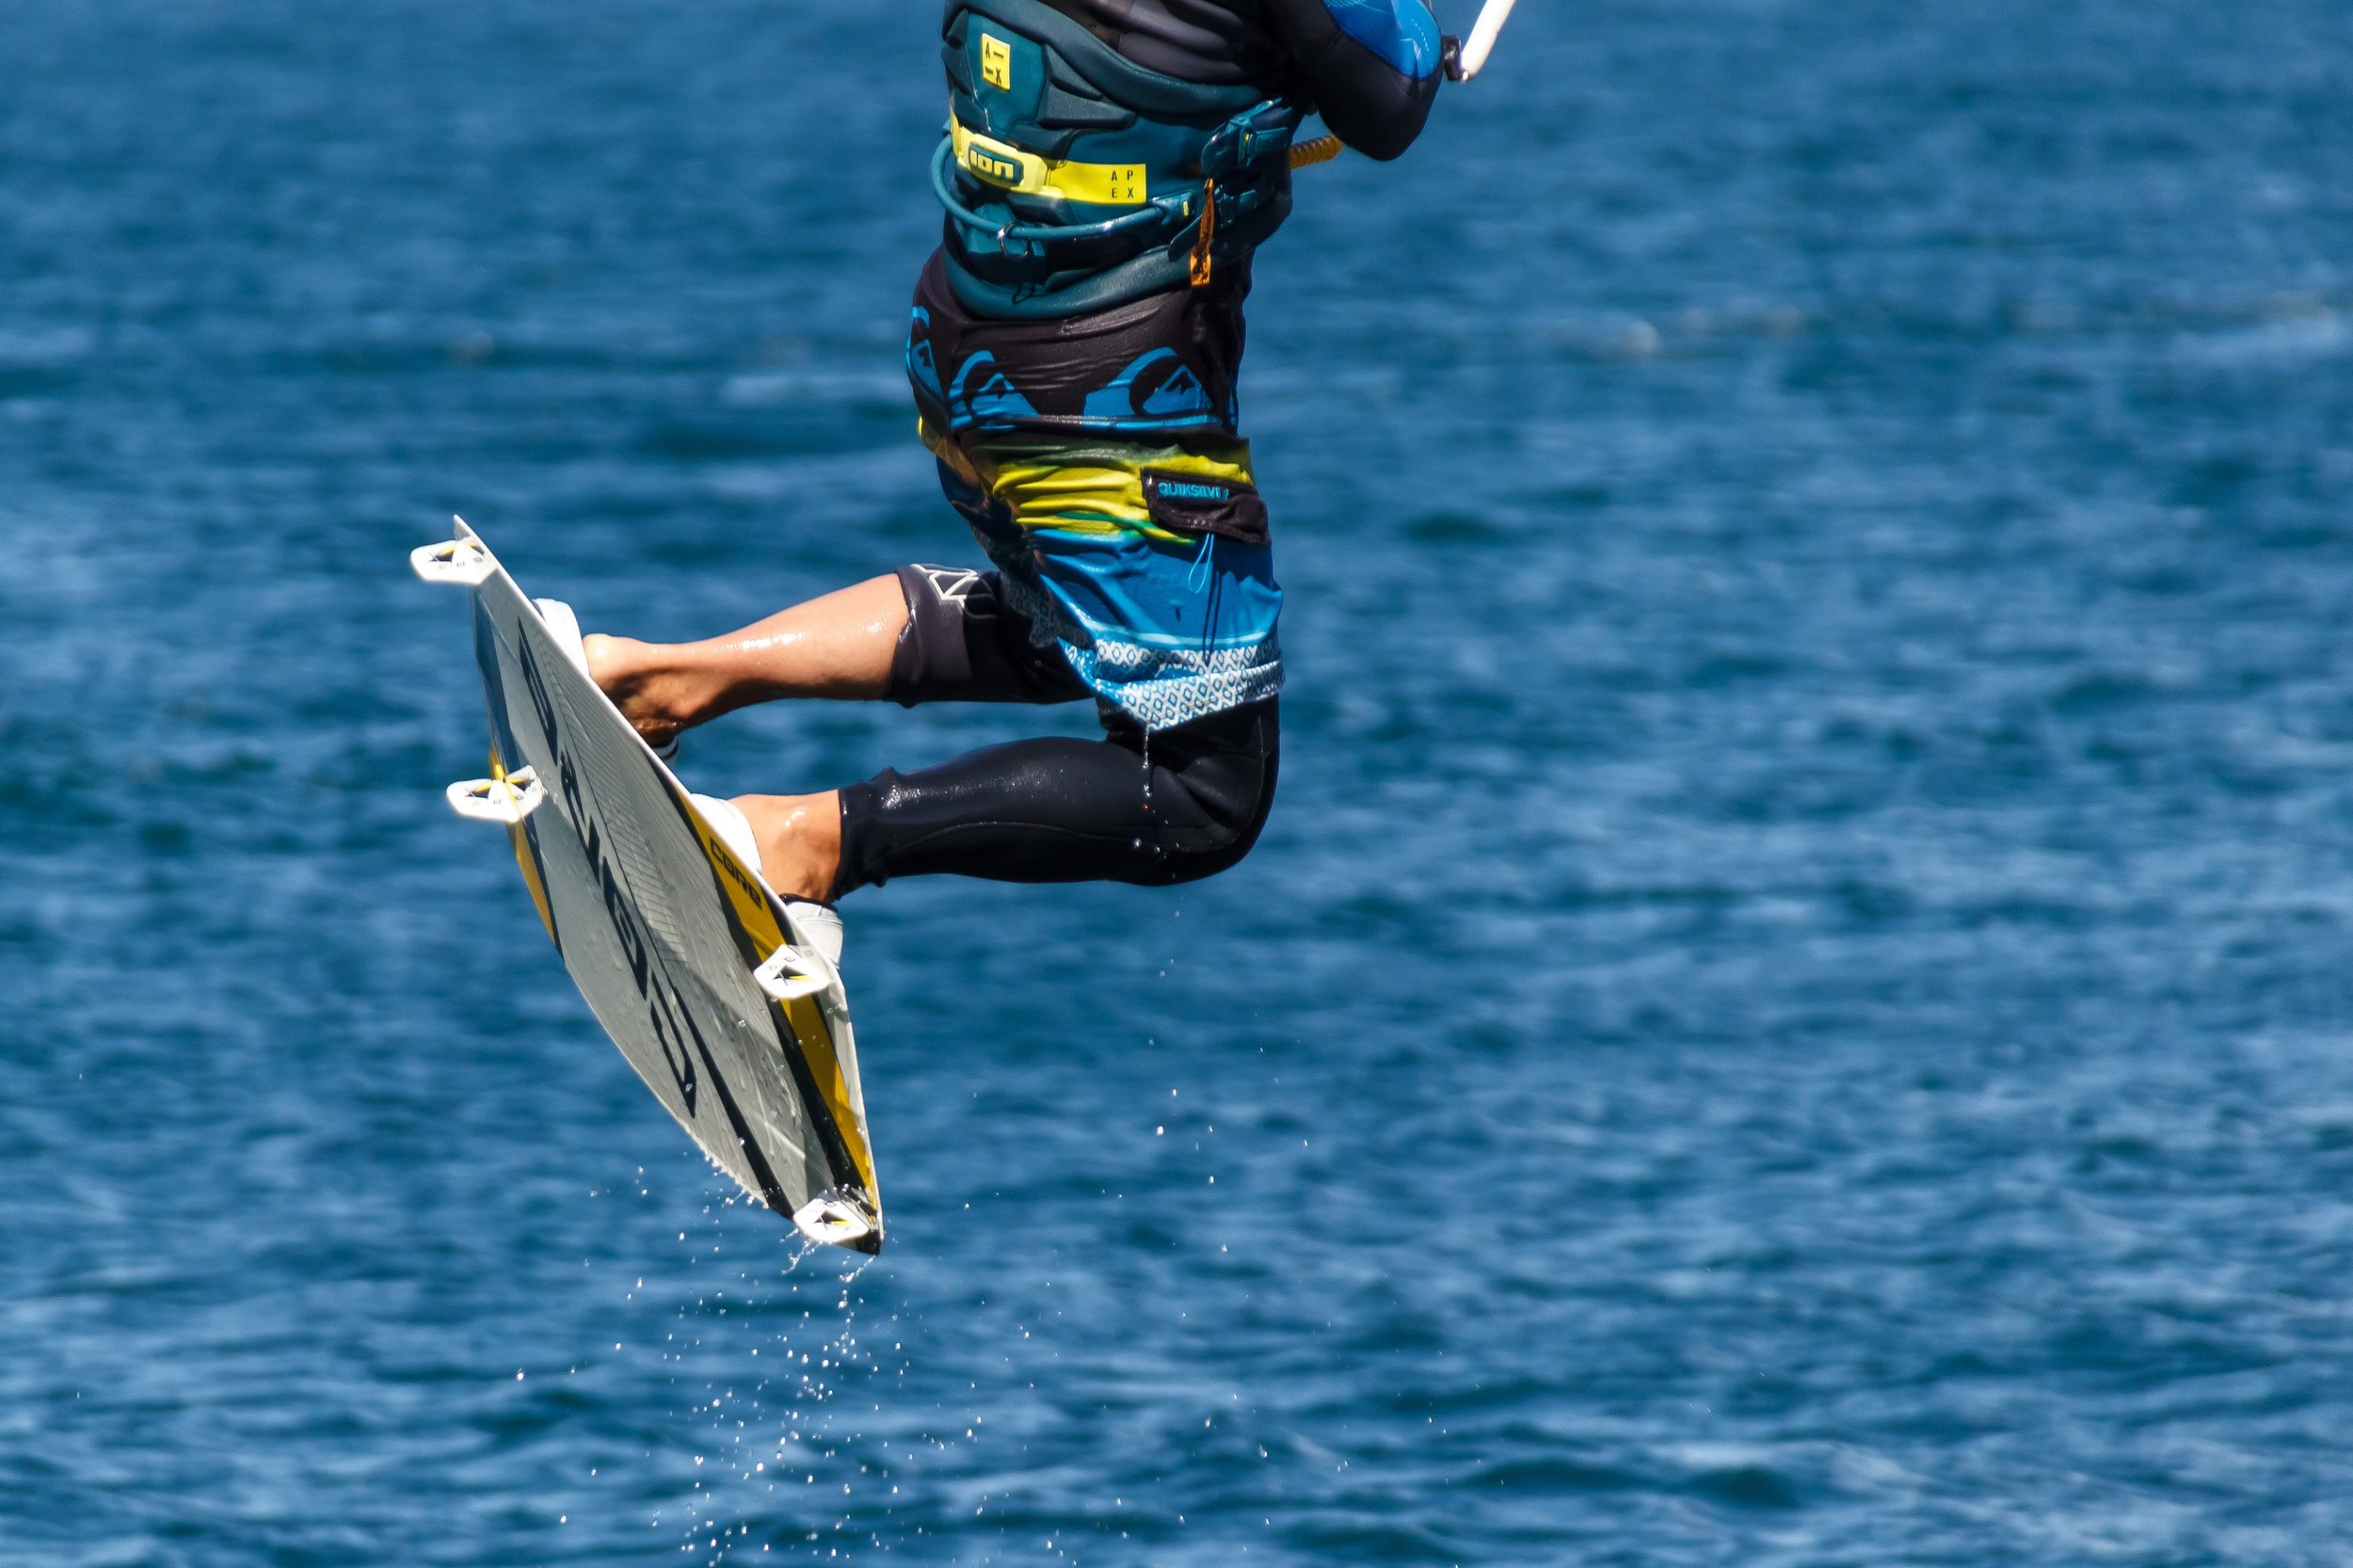 kite surf jump.jpg